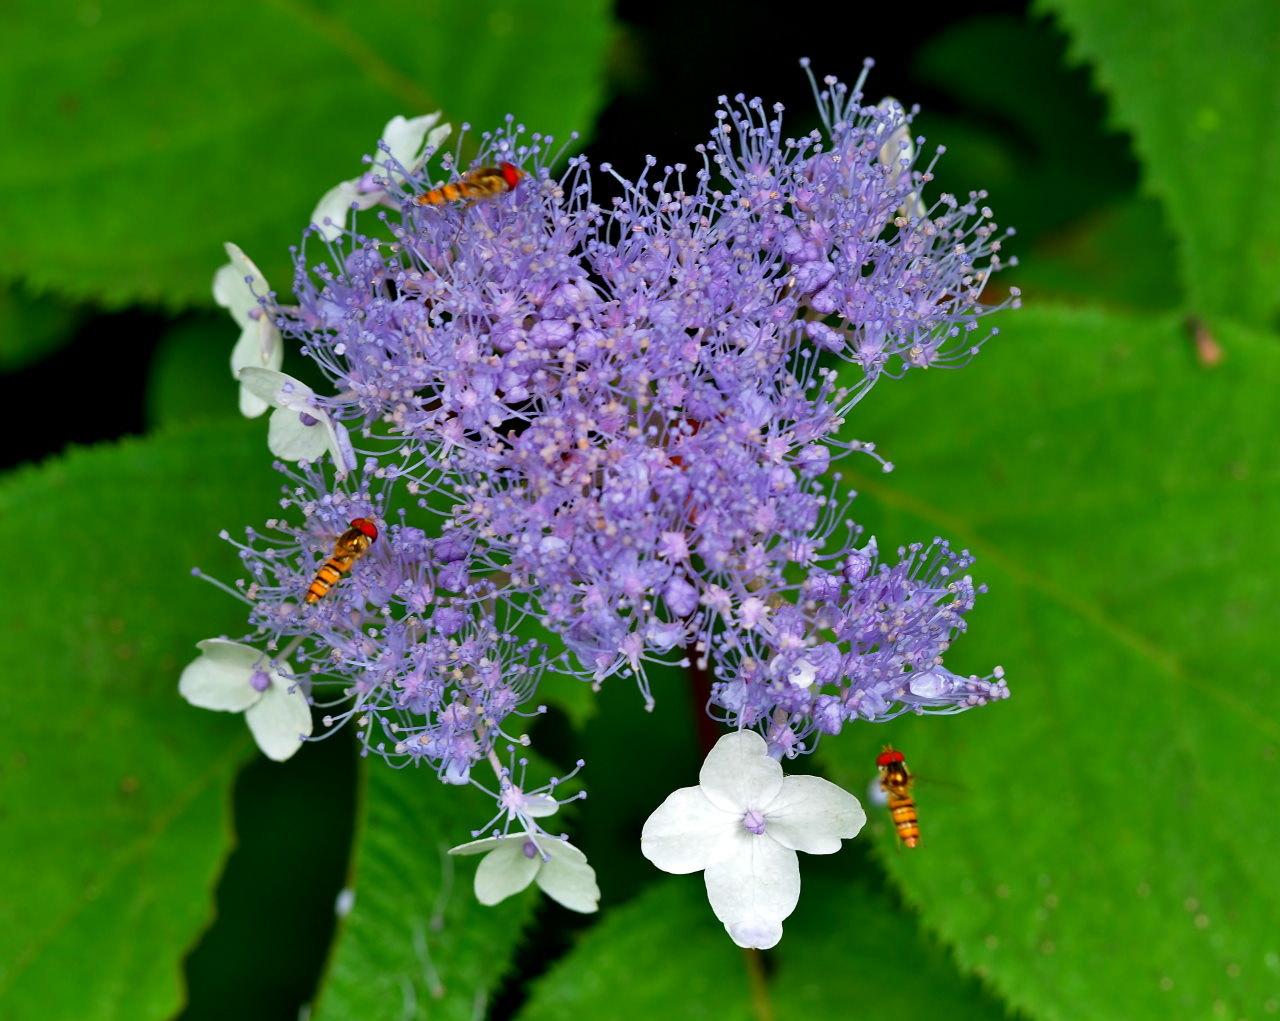 少林山境内で撮れた花や虫_c0305565_17441731.jpg